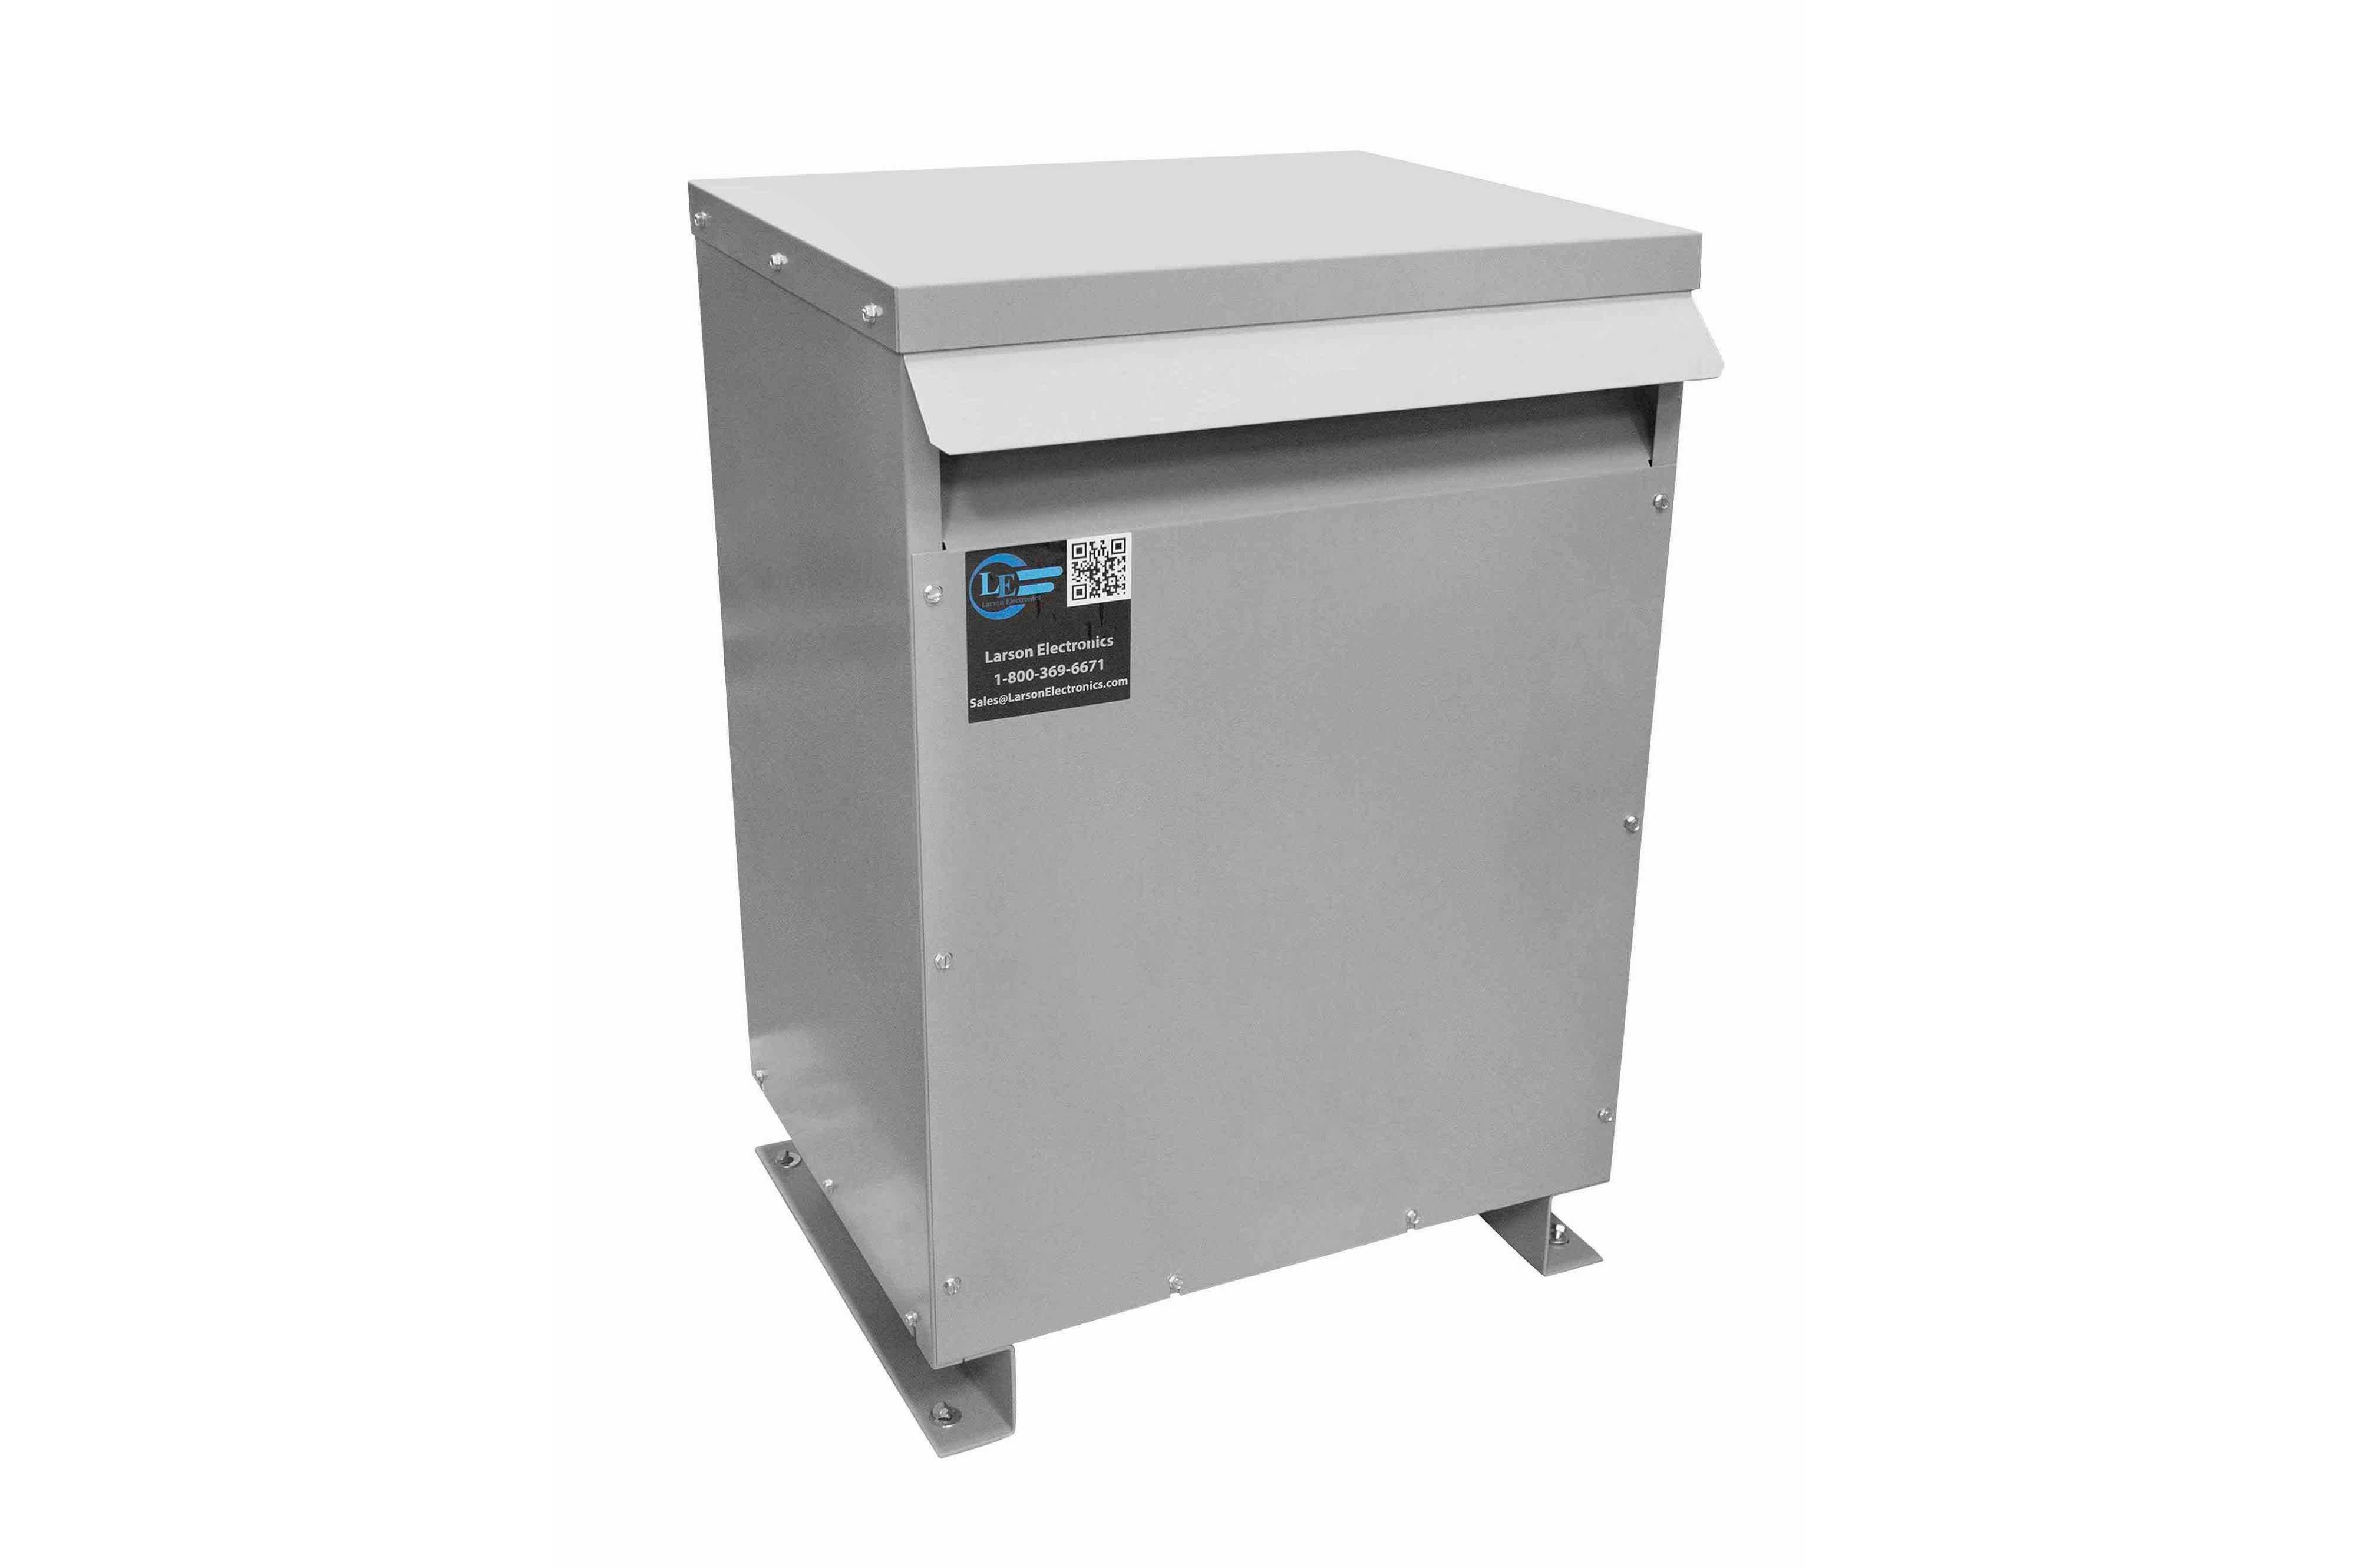 167 kVA 3PH Isolation Transformer, 380V Delta Primary, 600V Delta Secondary, N3R, Ventilated, 60 Hz